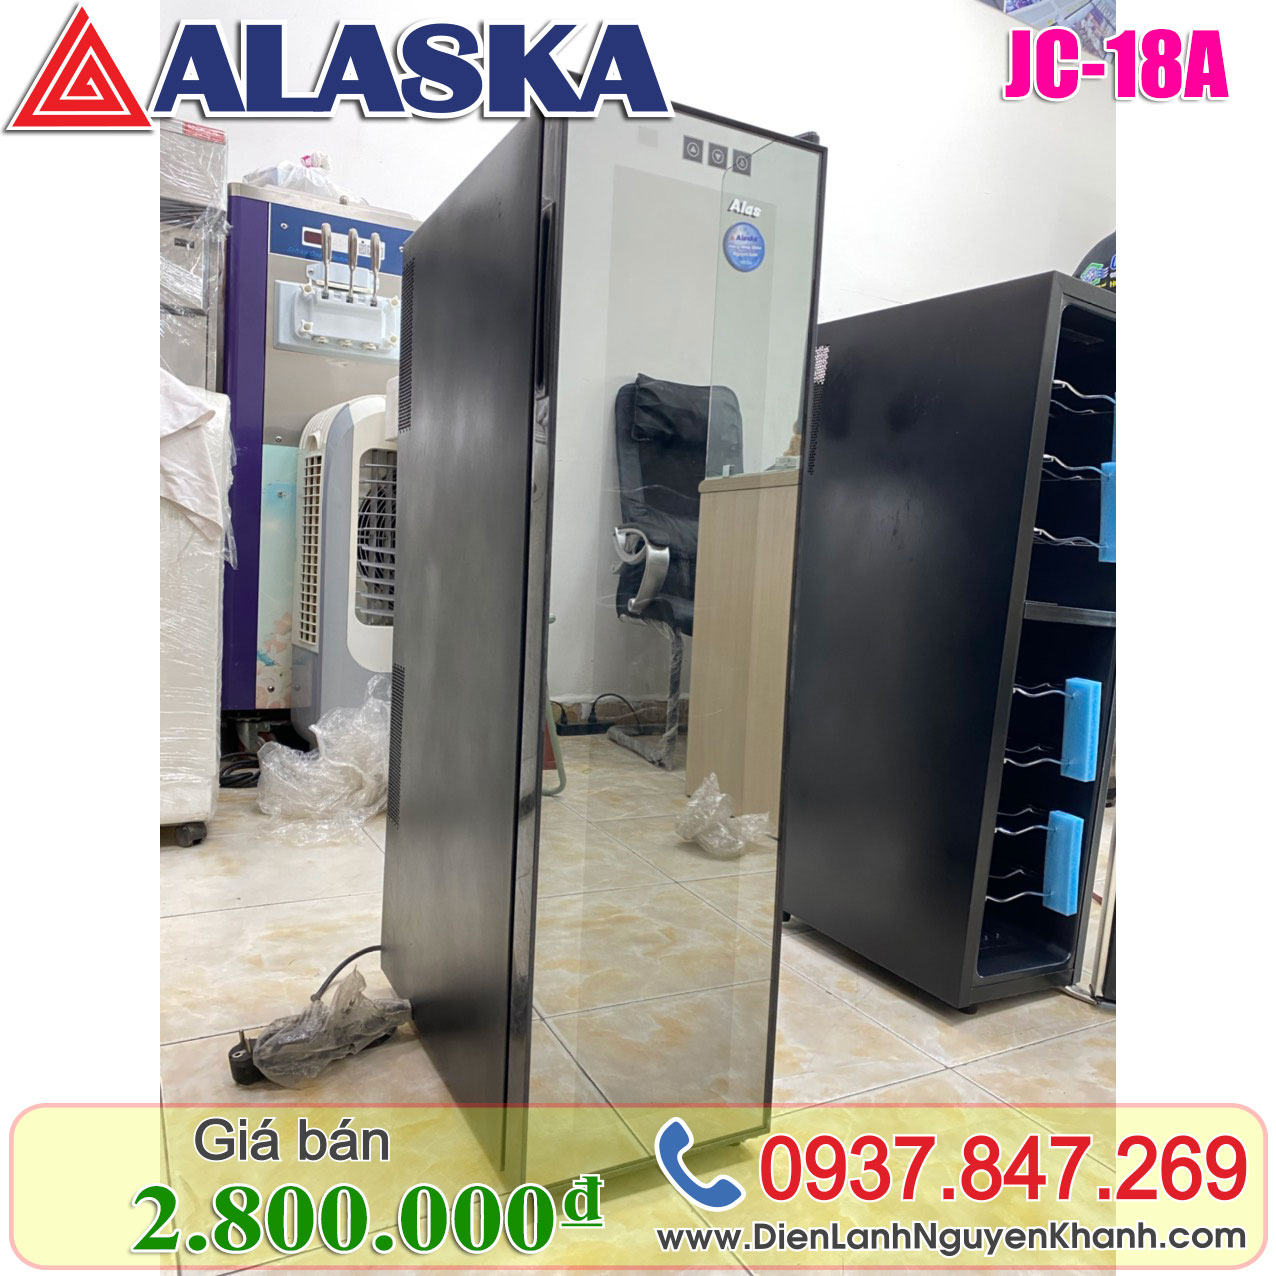 Tủ ướp rượu vang Alaska JC-18A